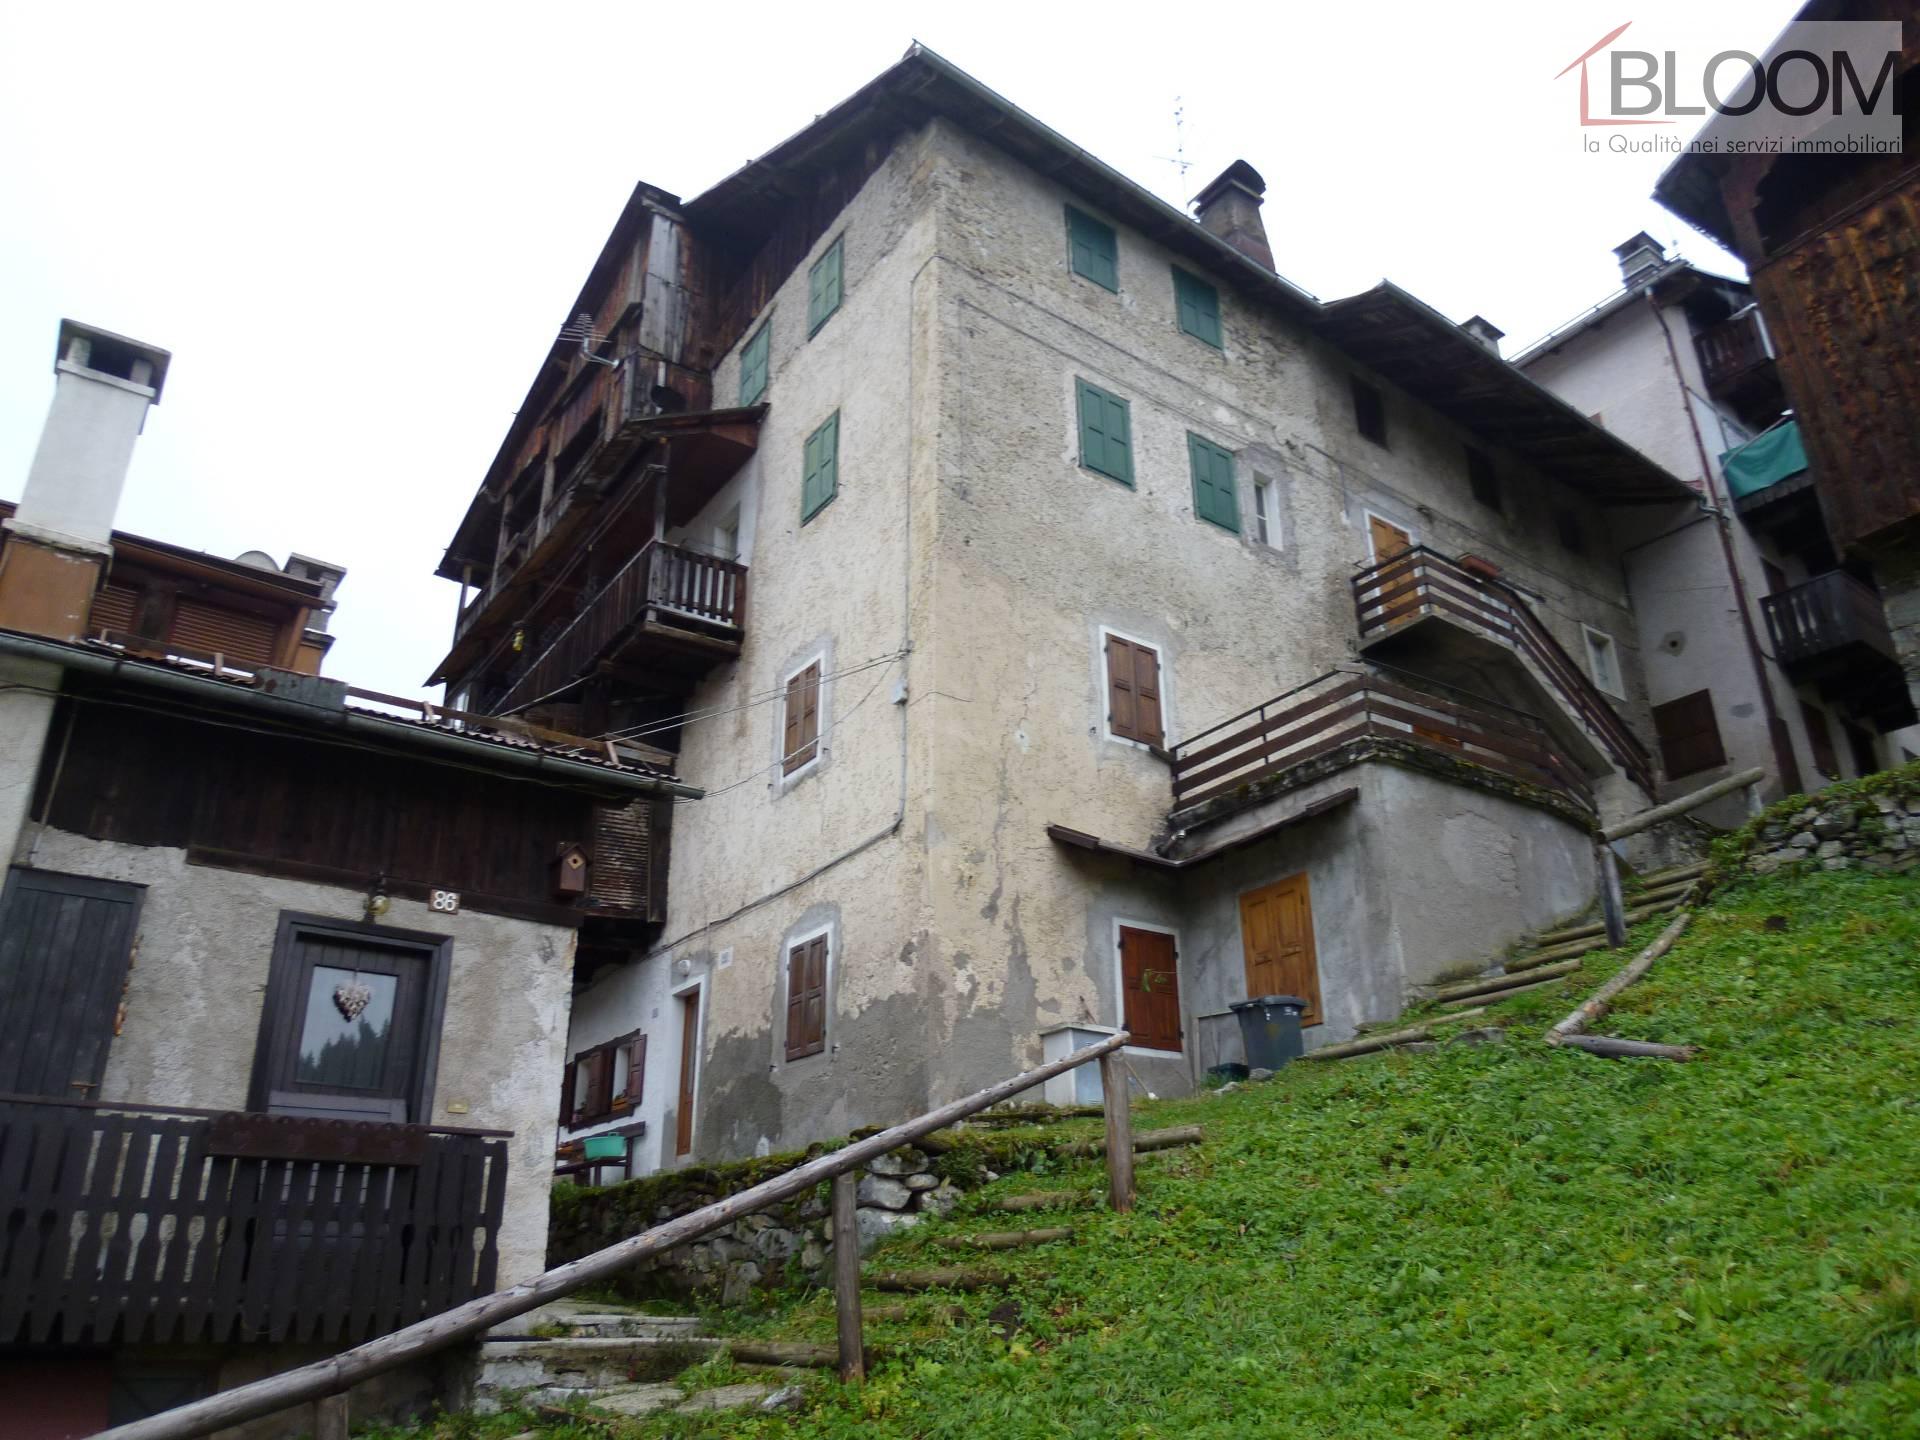 Appartamento in vendita a Cibiana di Cadore, 8 locali, zona ezze, prezzo € 55.000   PortaleAgenzieImmobiliari.it